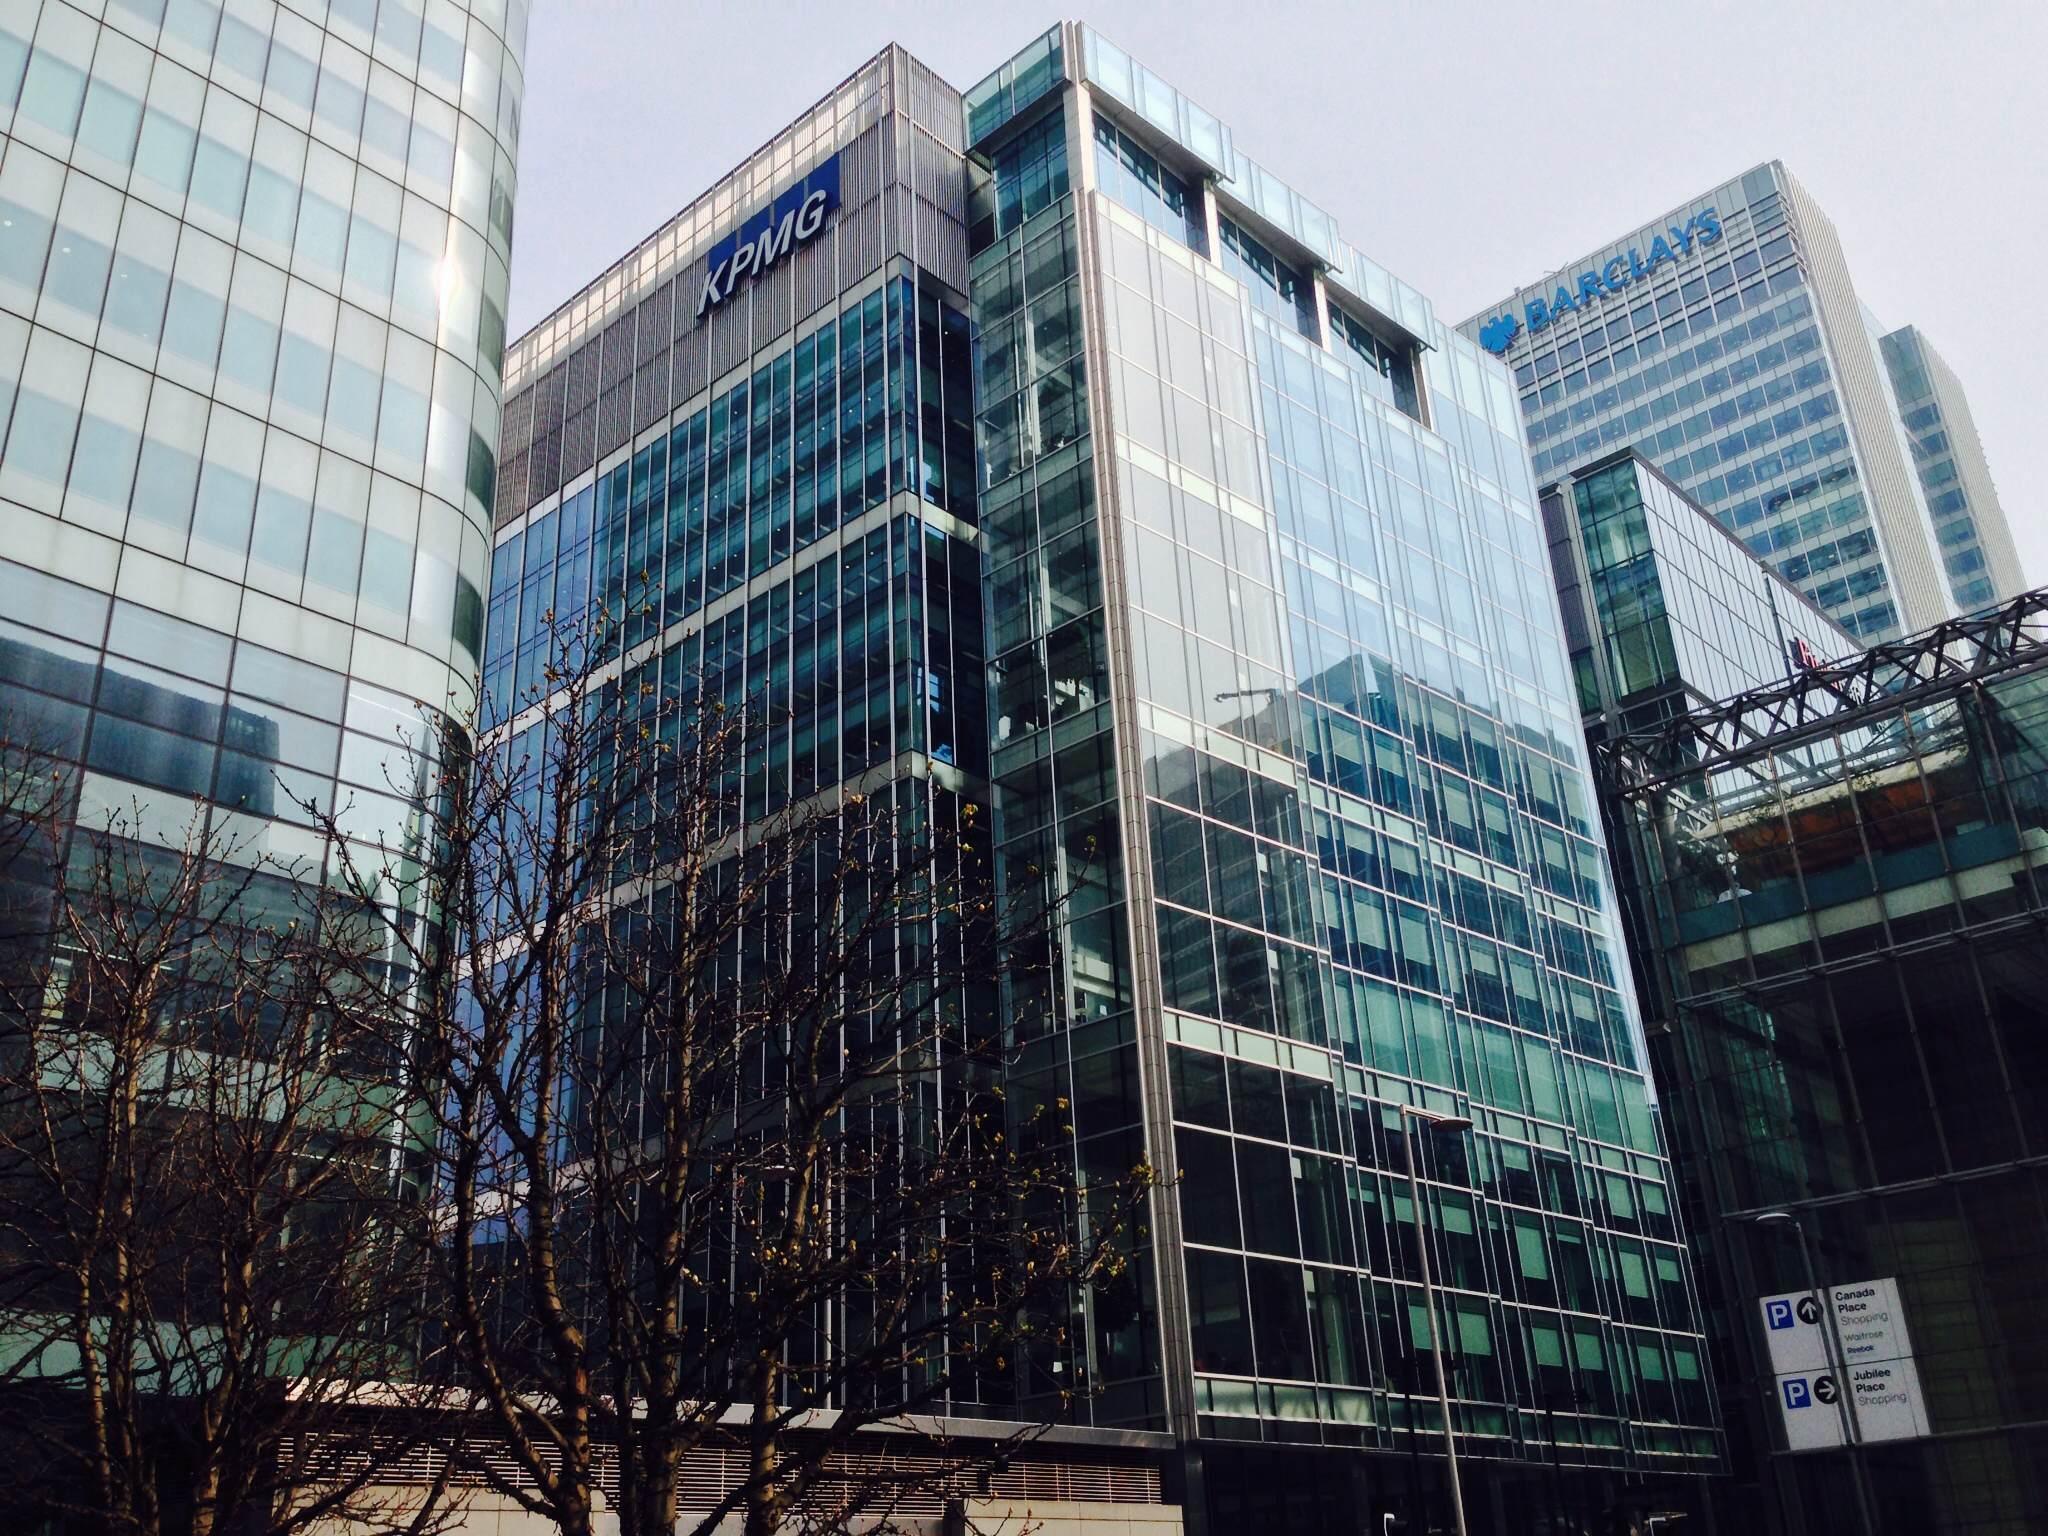 KPMG mở rộng các dịch vụ pháp lý trên toàn cầu